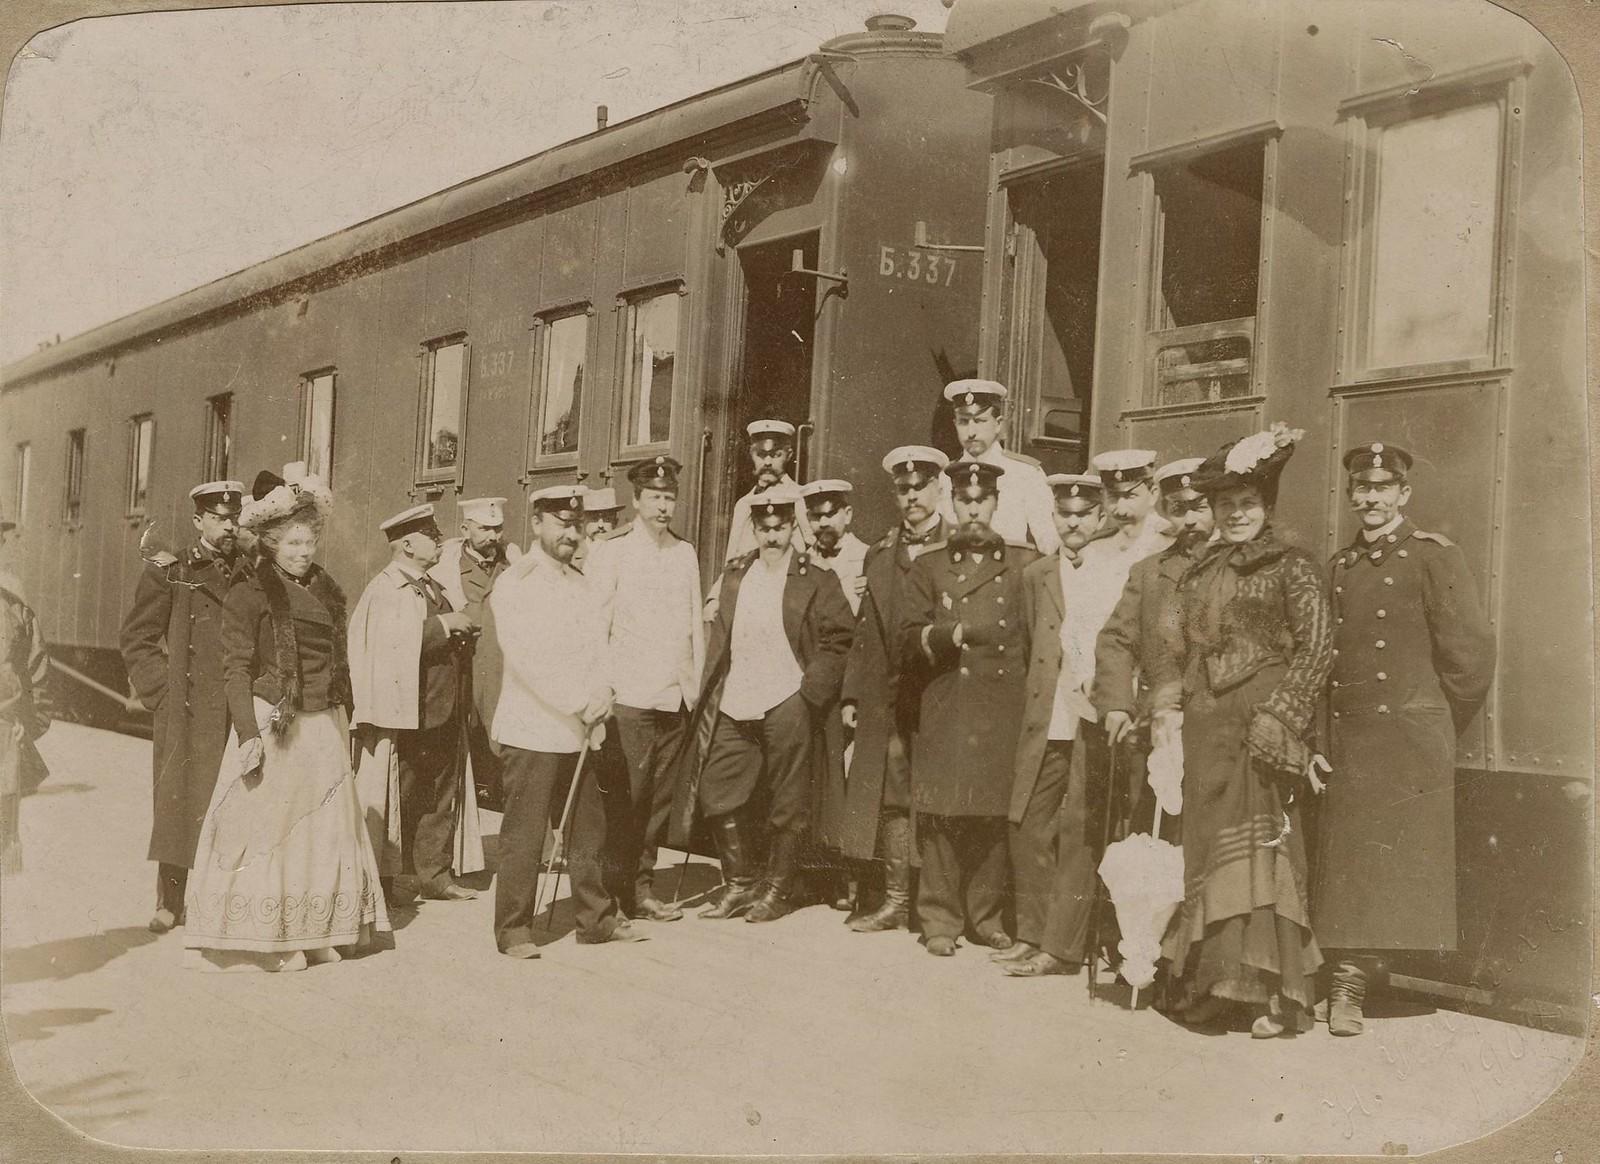 1910. Служащие железной дороги на фоне вагонов поезда